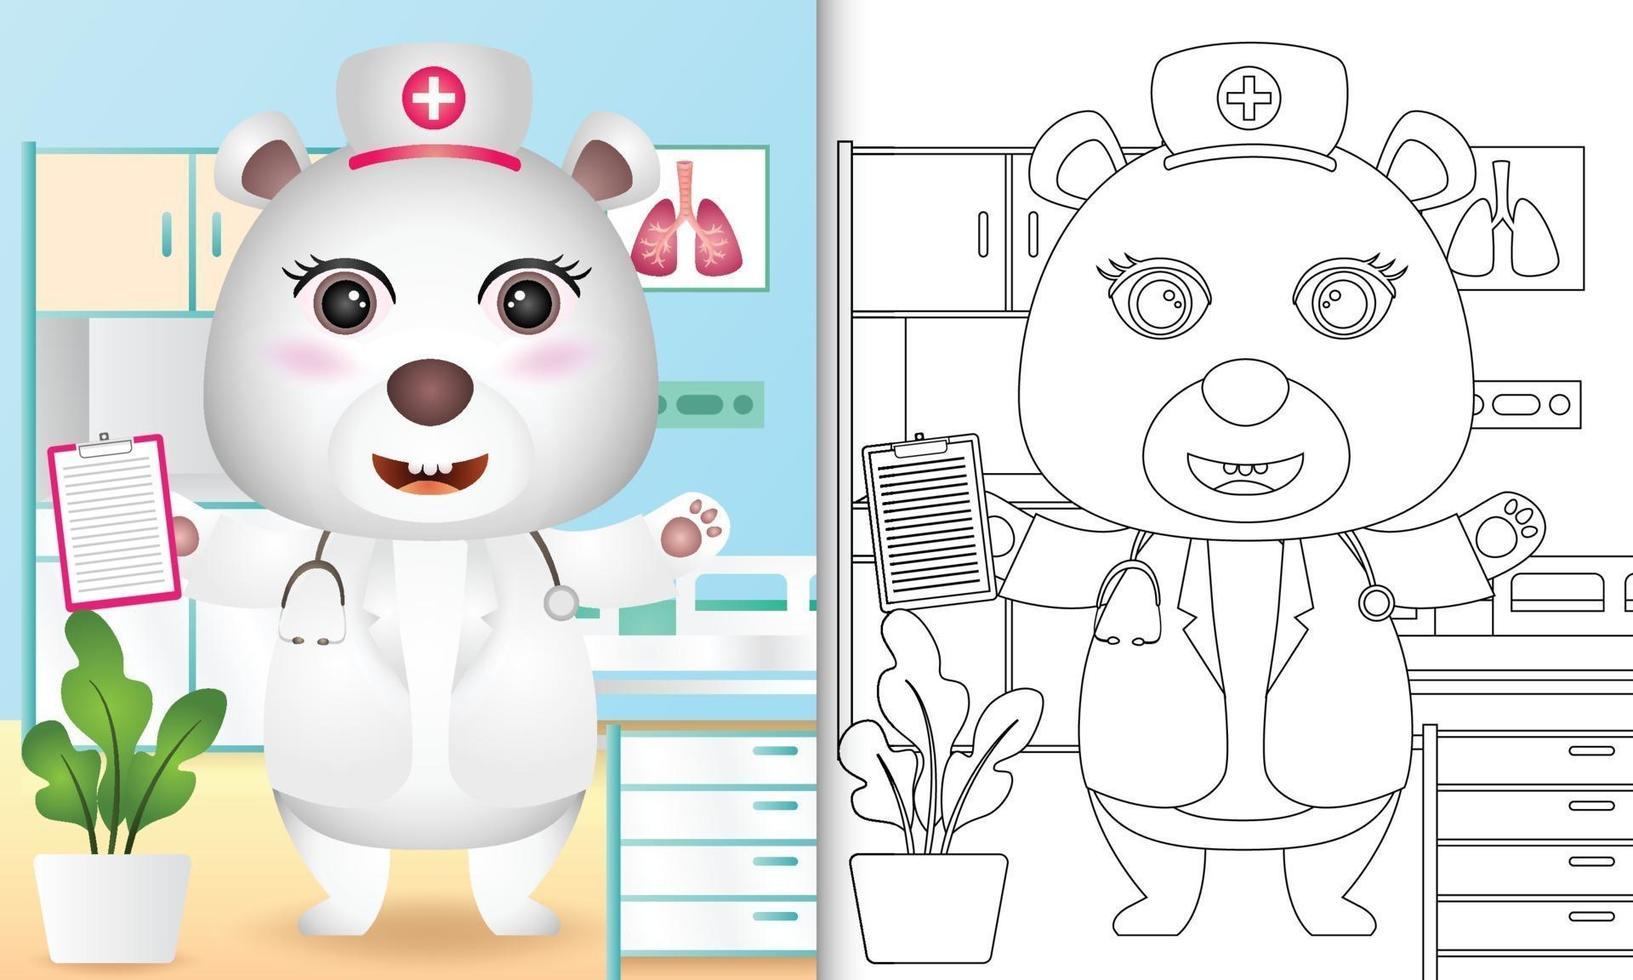 Malbuch für Kinder mit einer niedlichen Eisbärenkrankenschwester-Charakterillustration vektor